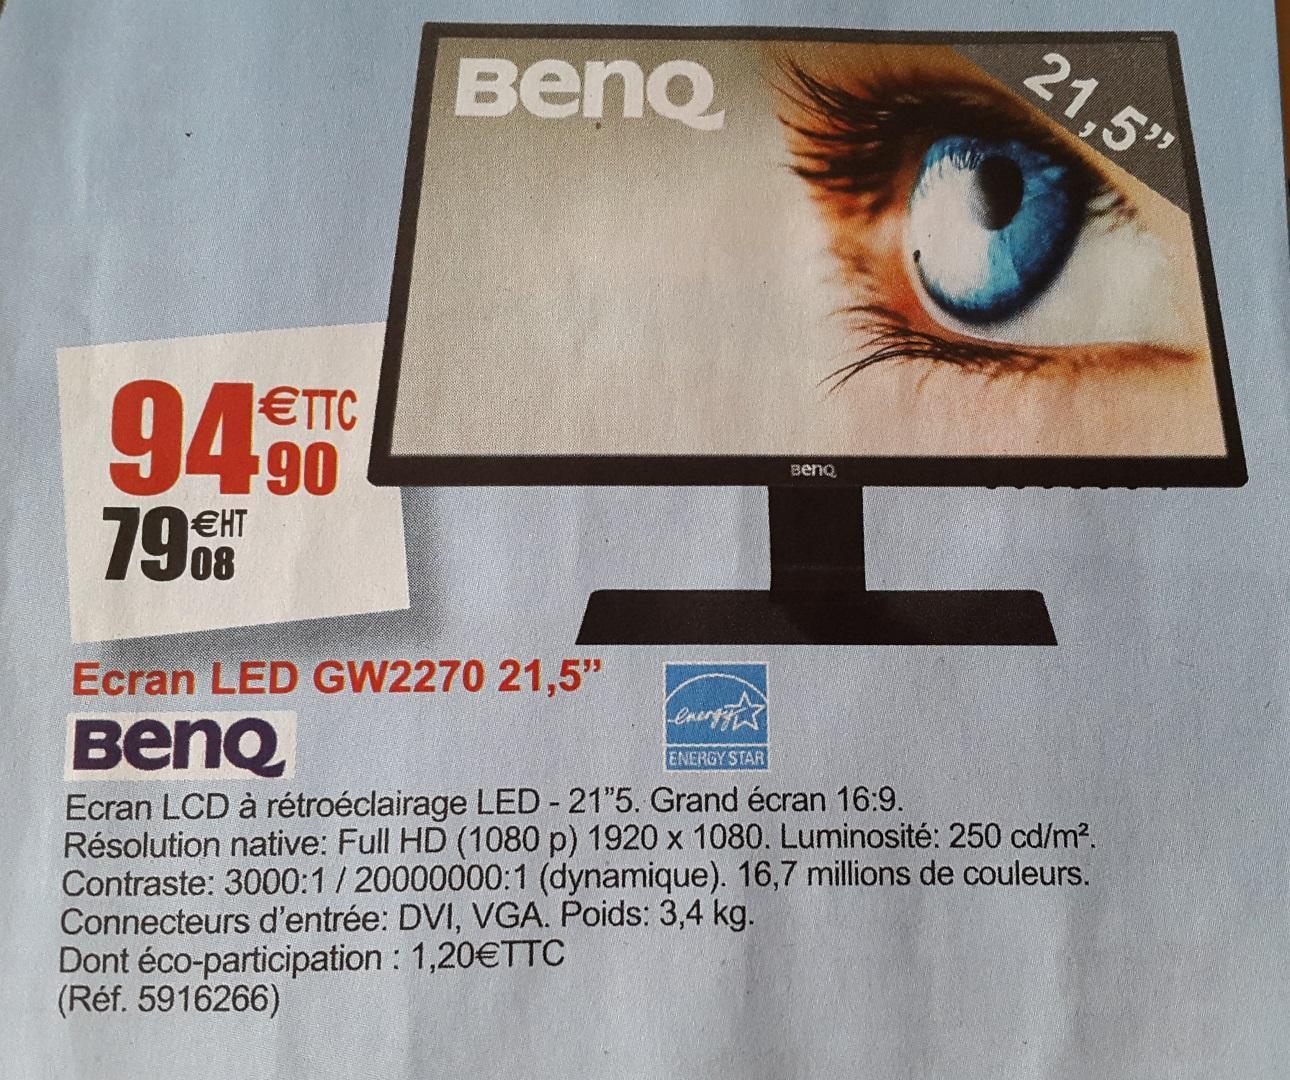 """Ecran PC 21.5"""" BenQ GW2270 - LED, Full HD, Dalle VA, VGA, DVI"""